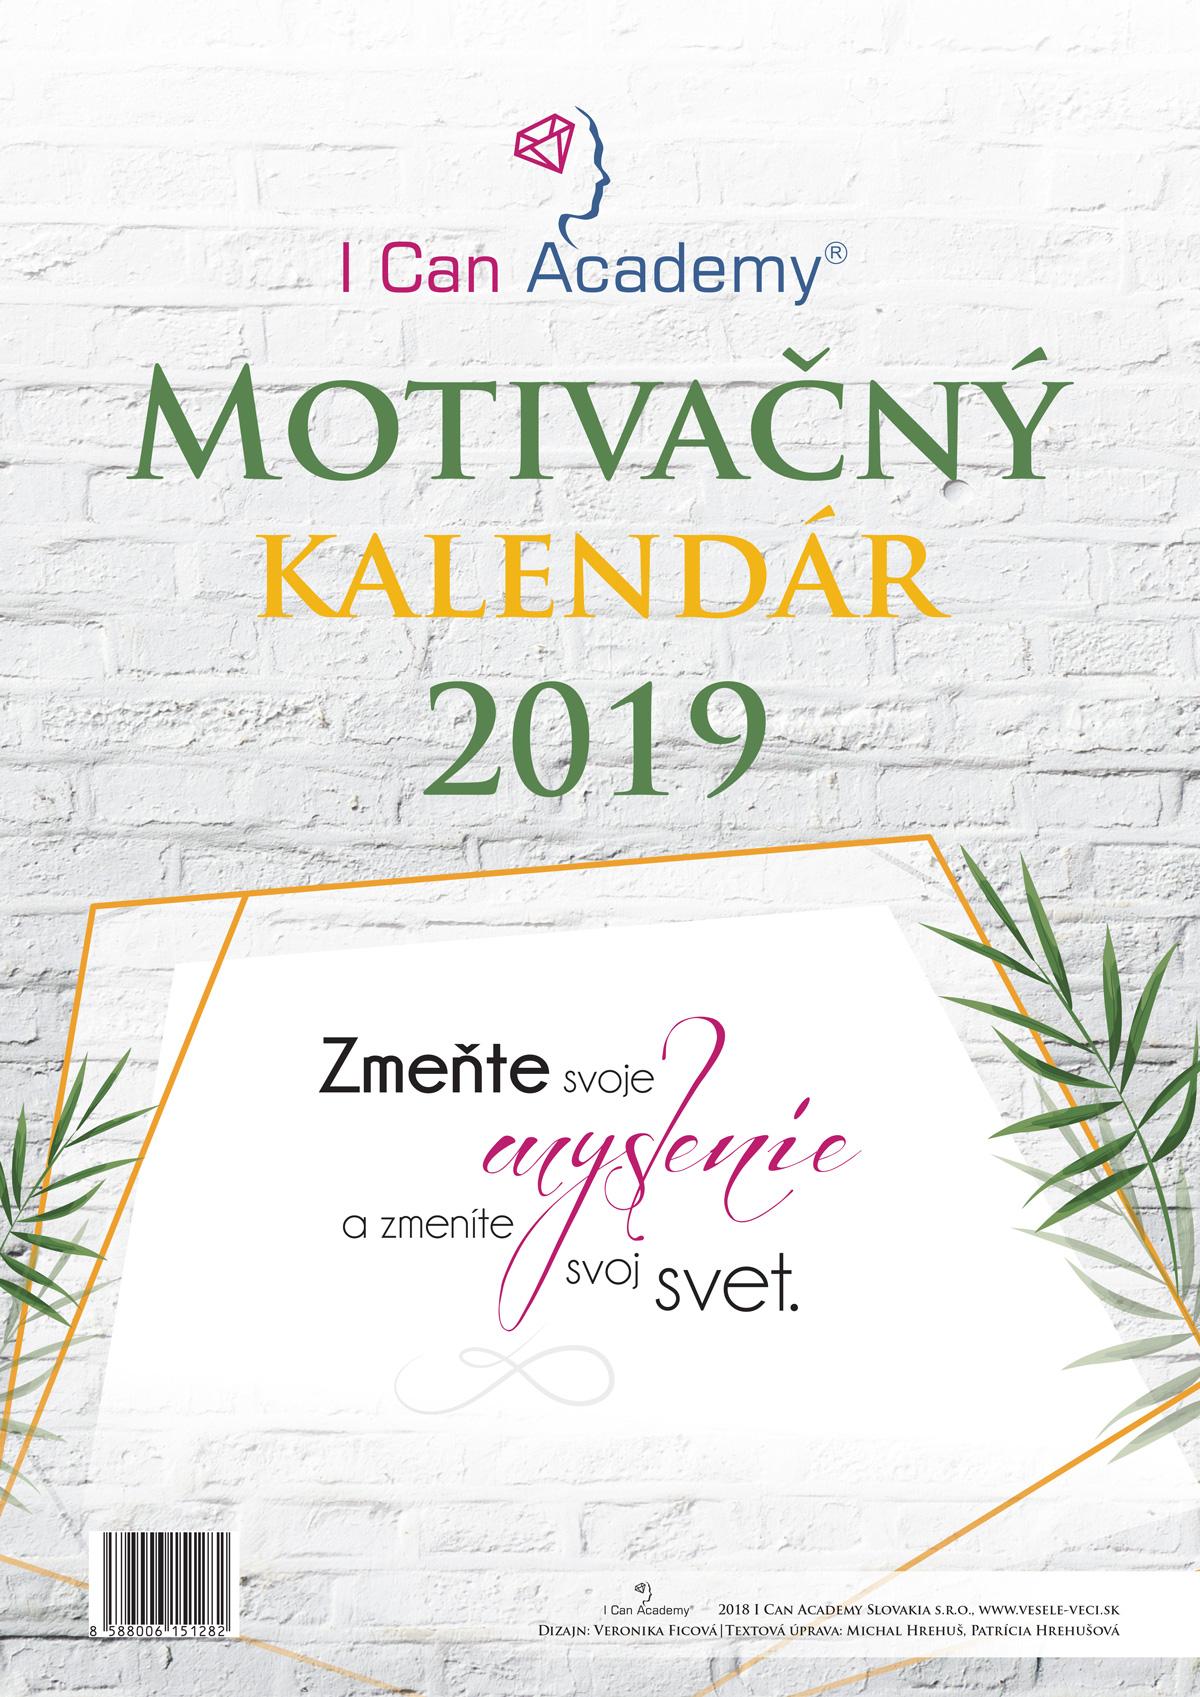 ICan Academy Motivačný kalendár 2019 - Zmeňte svoje myslenie azmeníte svoj svet